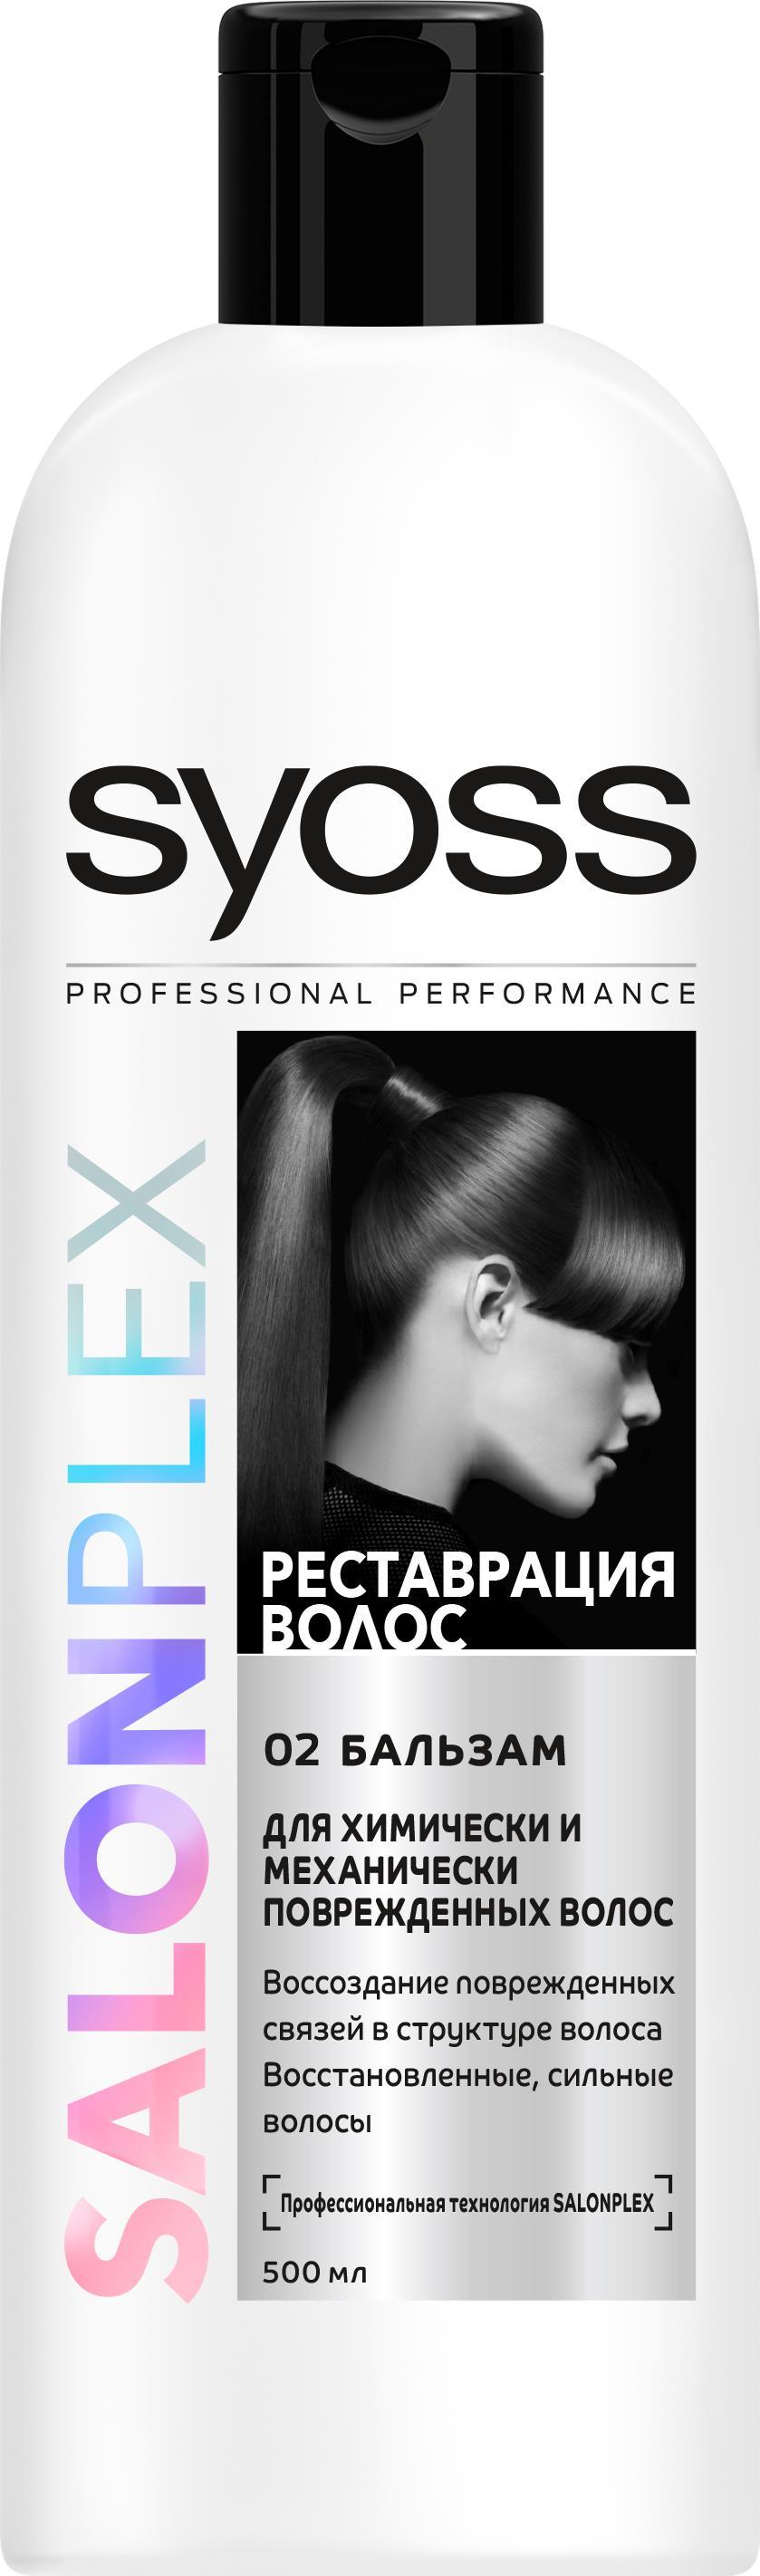 Syoss Salonplex Реставрация волос бальзам для химически и механически поврежденных волос 500 мл жестокий романс dvd полная реставрация звука и изображения